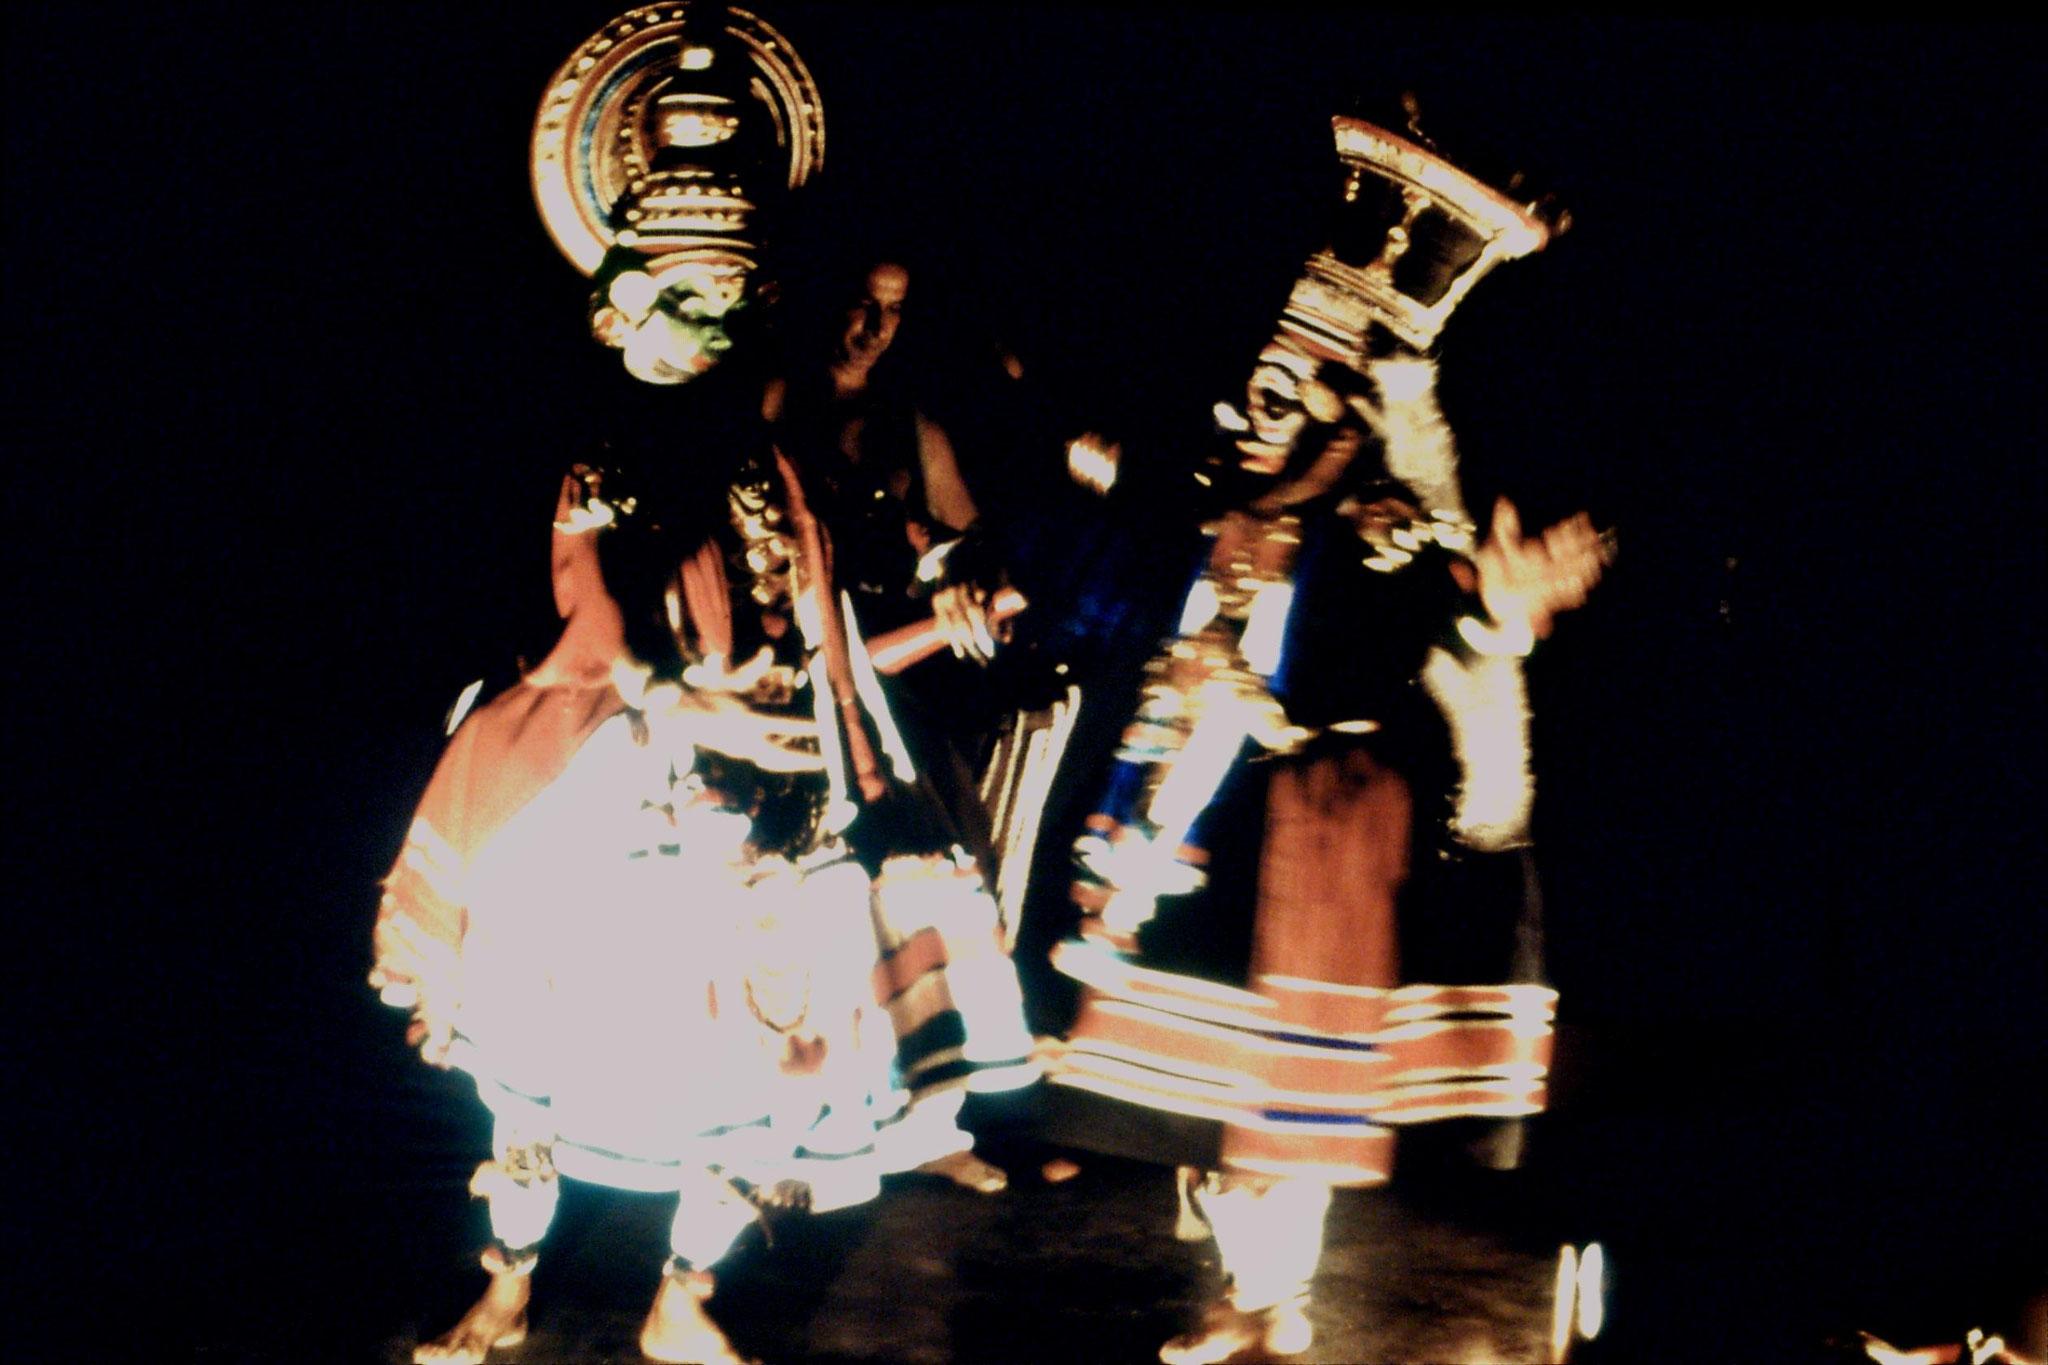 106/22: 24/2/1990 Erkunaculum - See India Foundation - Kathakali Dance